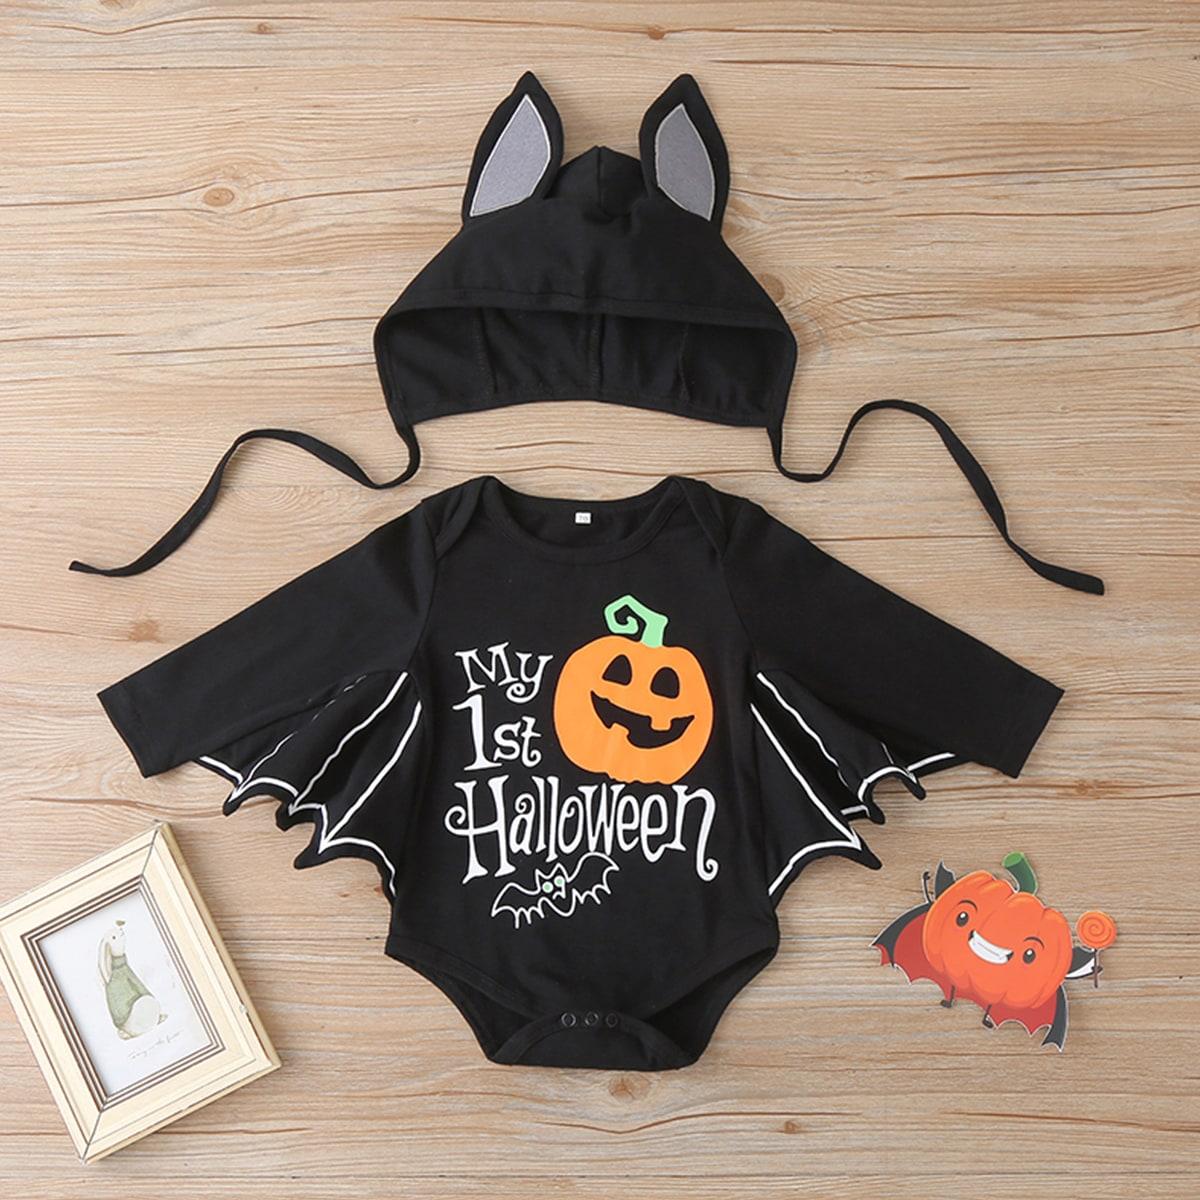 Боди и шапка с текстовым принтом на хэллоуин для мальчиков